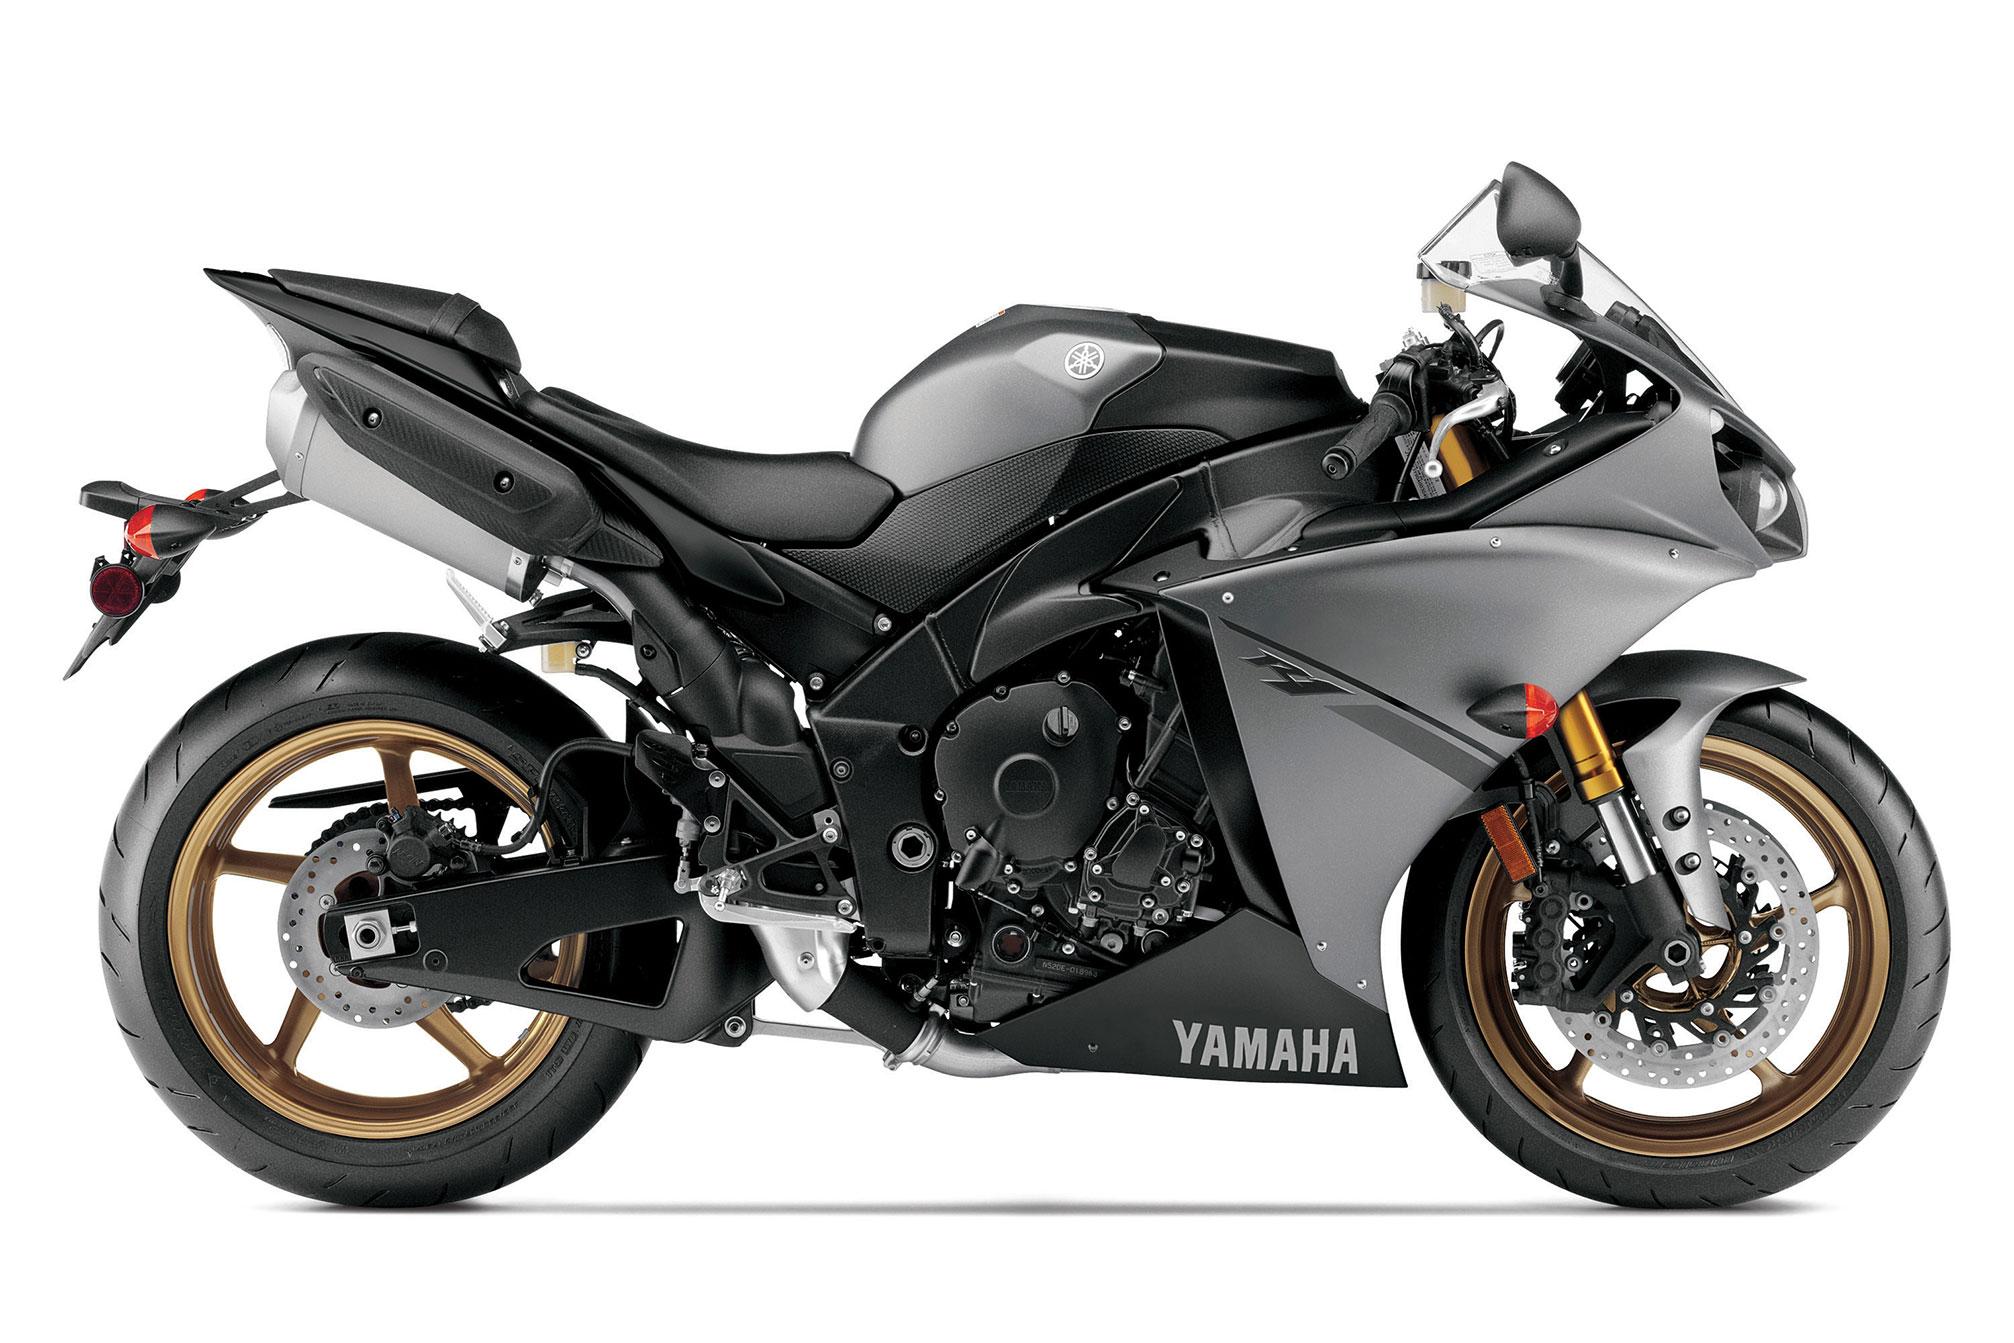 Yamaha YZF-R1 2015 - характеристики, отзывы, где купить, фото ...